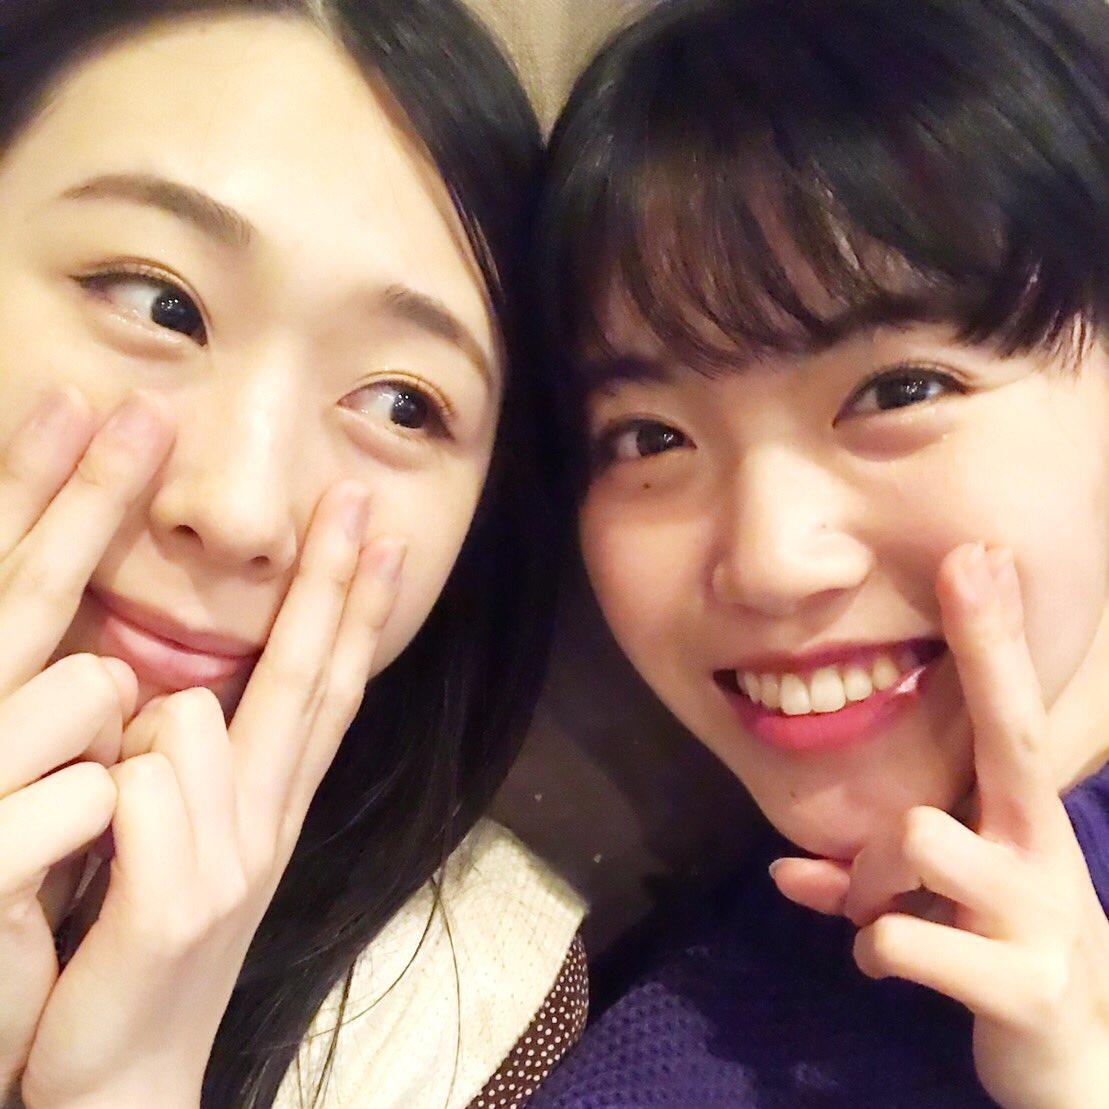 みなさんこんばんは!彩香のブログ更新です(*^▽^*)今日は山口県に来ています🐡🐡🐡明日のパワーアップる!PRステージ、がんばります💗💛